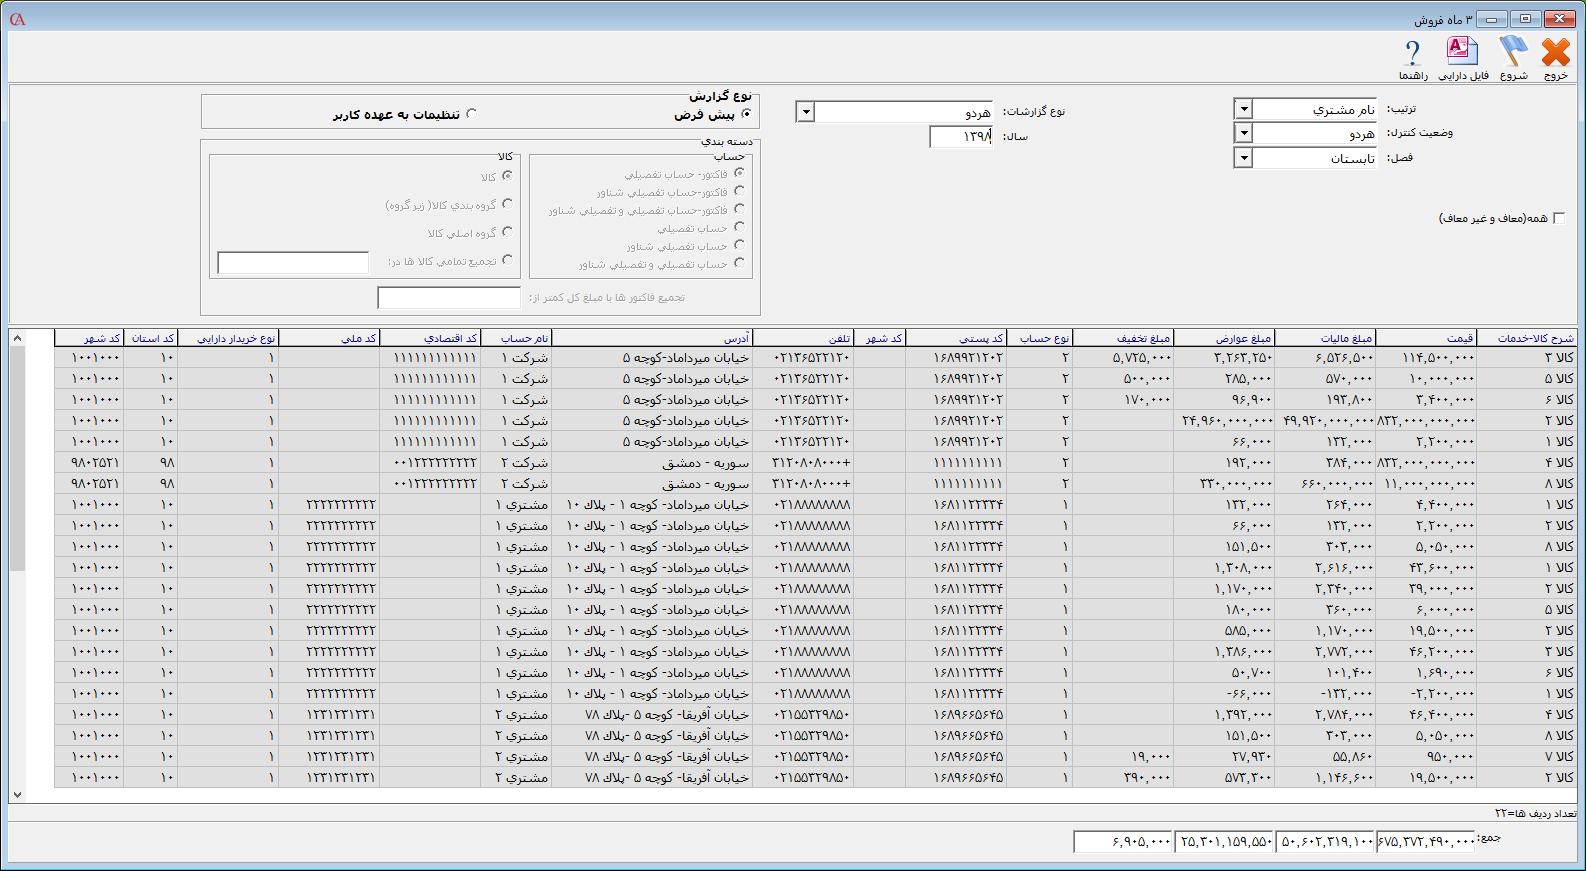 گزارش صورت معاملات فصلی نرم افزار حسابداری حسابگر